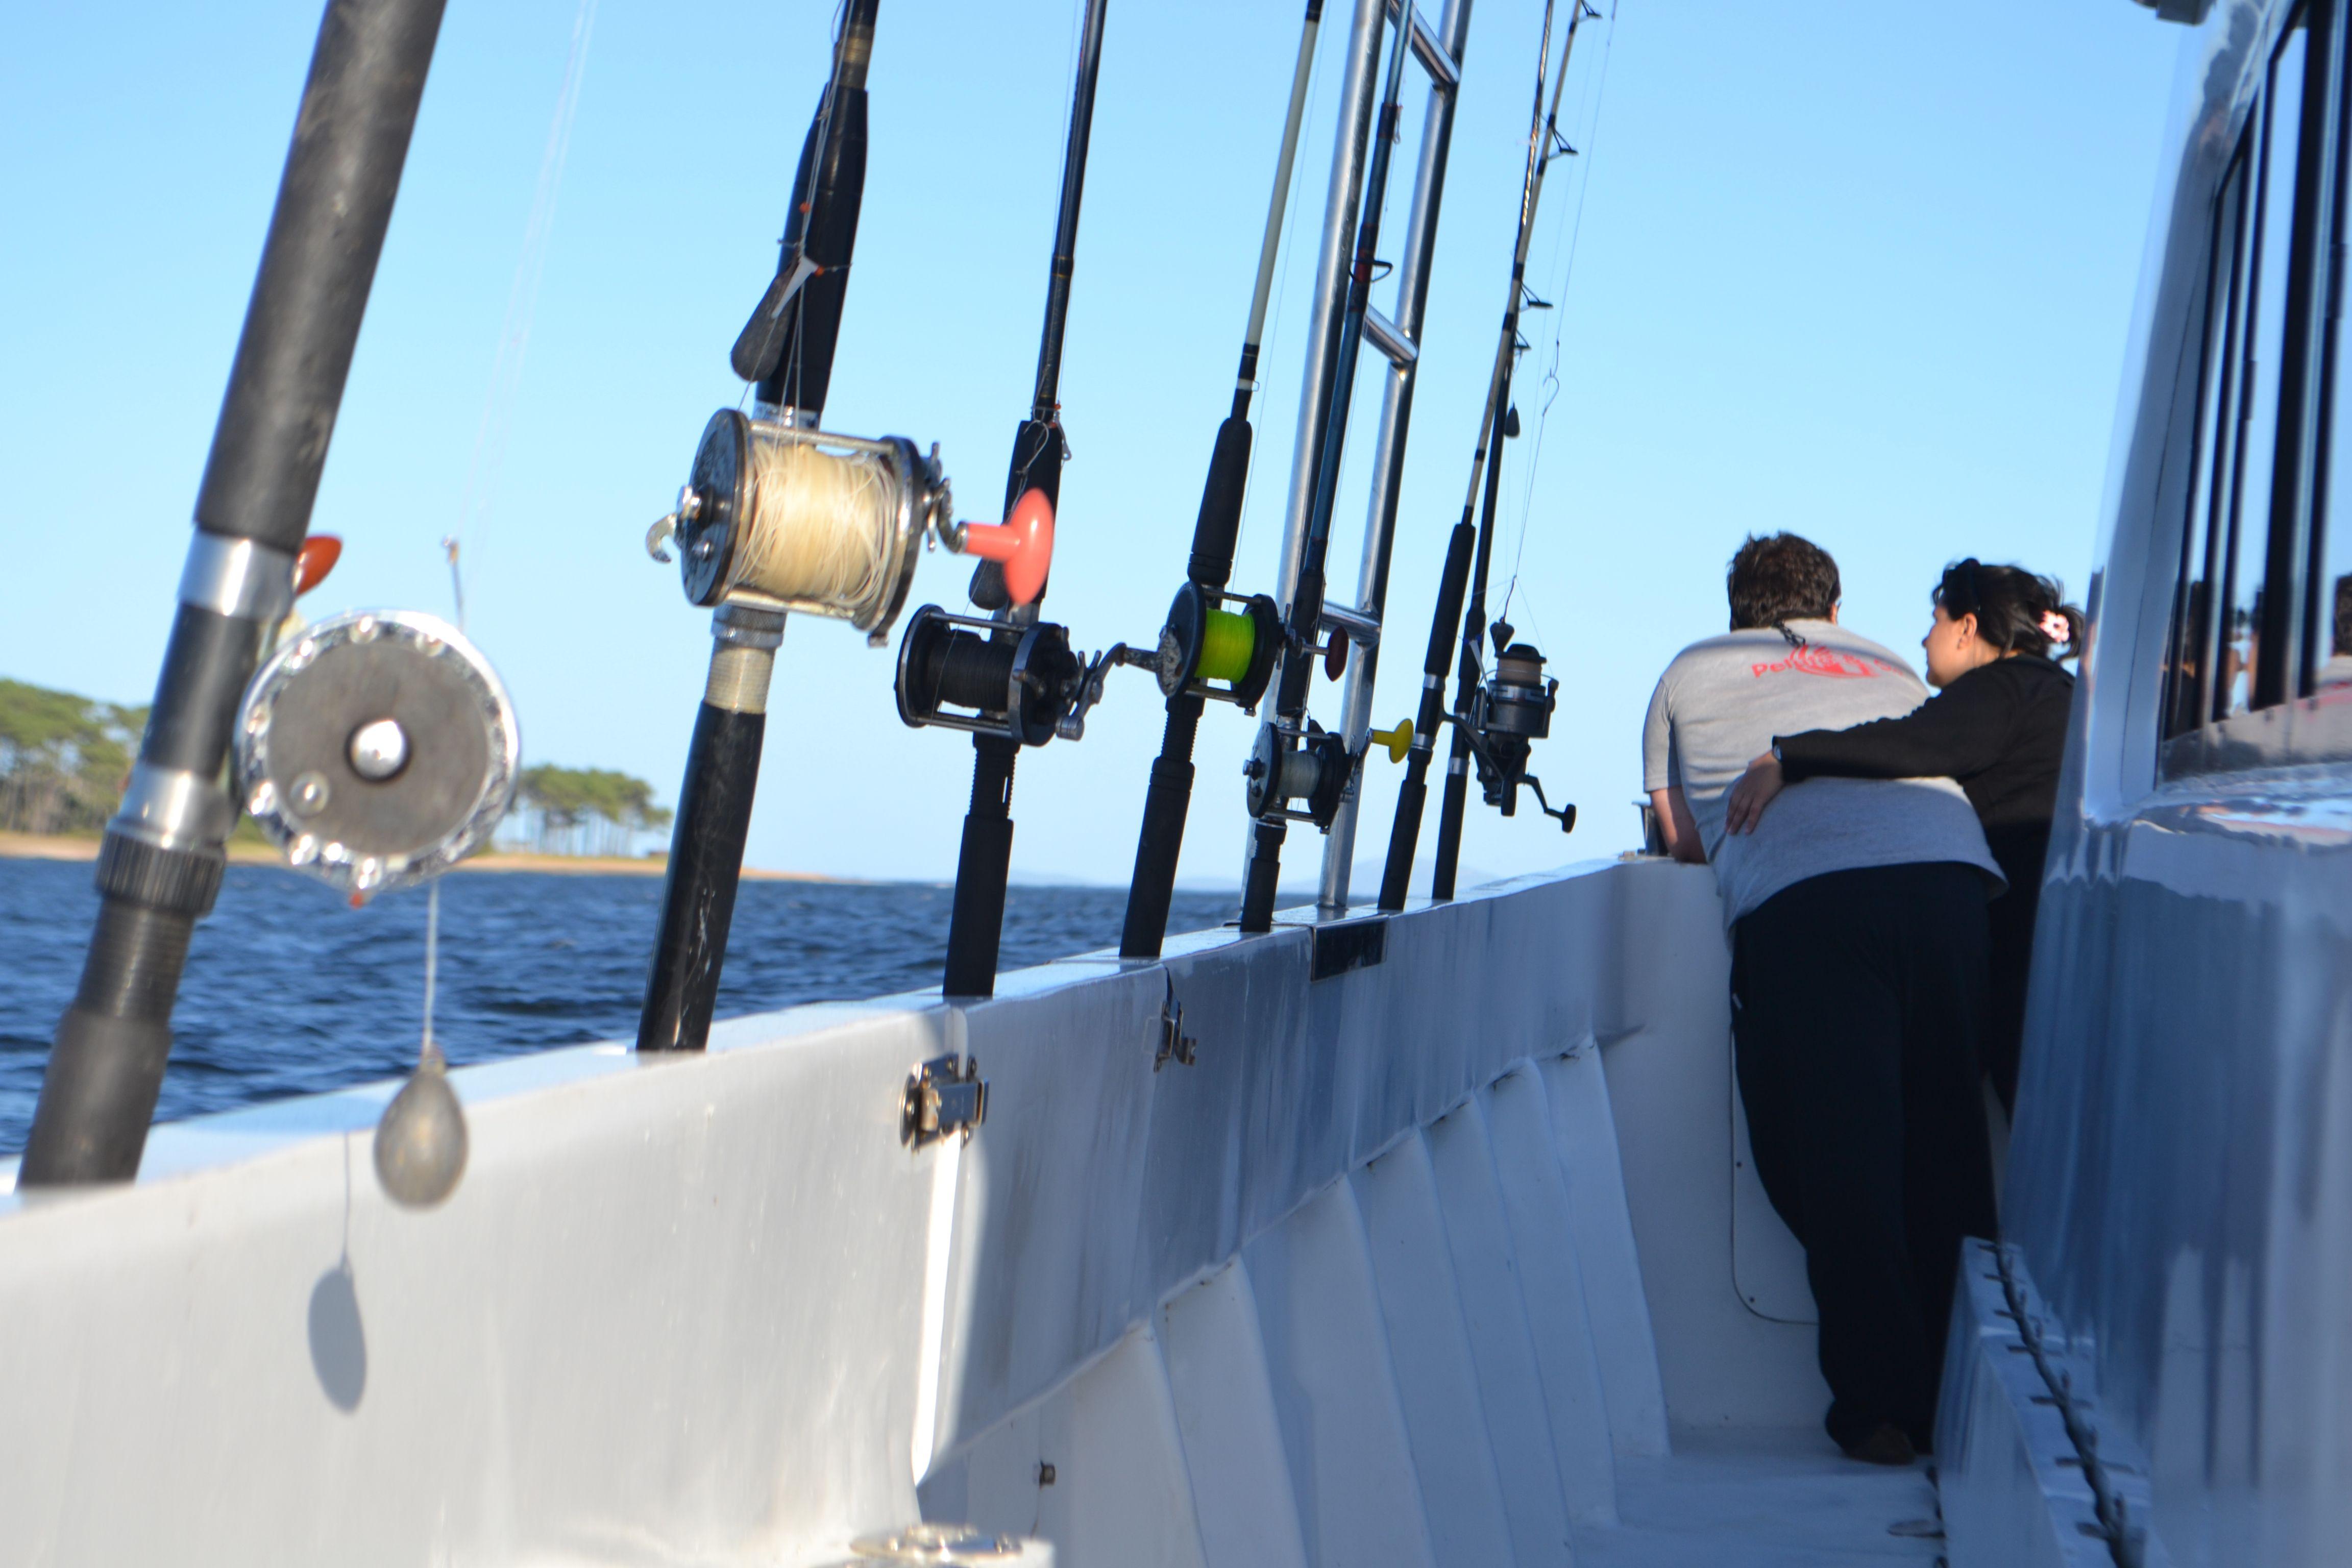 Jornadas de pesca deportiva para disfrutar junto a su familia y amigos!! Info o reservas: (+598) 91 487 088 www.nauticalevents.com.uy/contact/